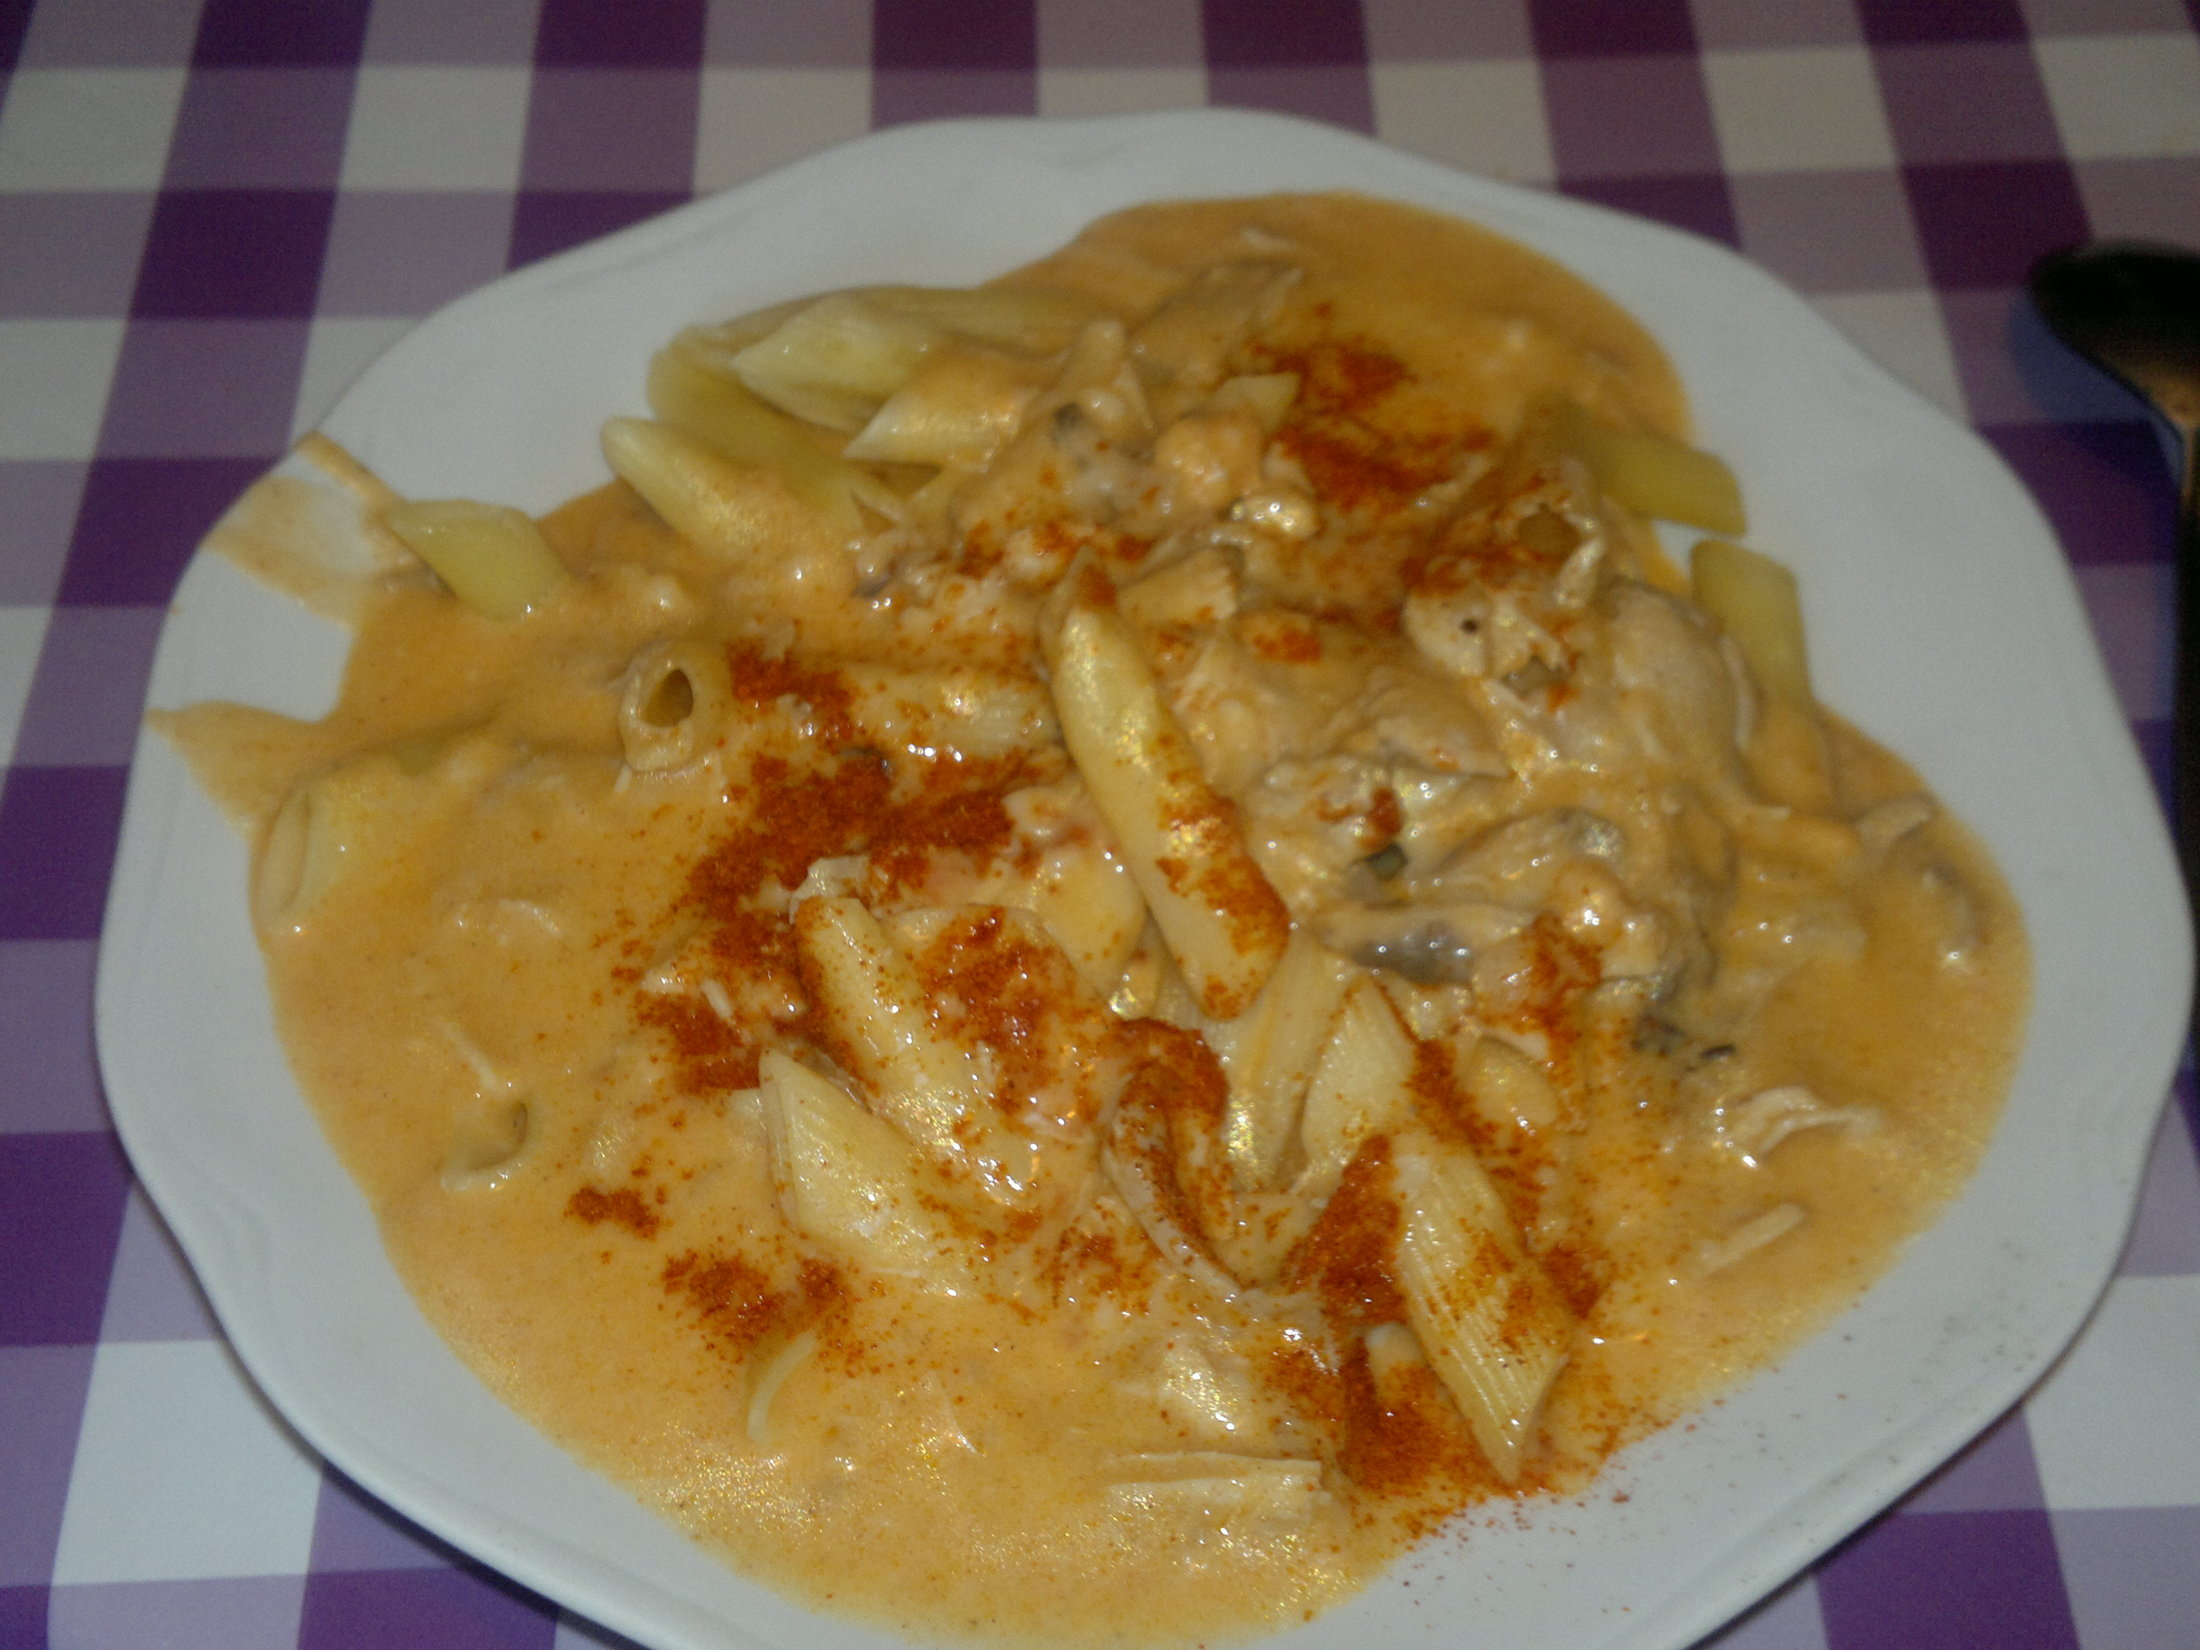 Recept Kuře na paprice podle Šárky - Kuře na paprice, hustá smetana a sekané drenážky ochucené krapet chillim